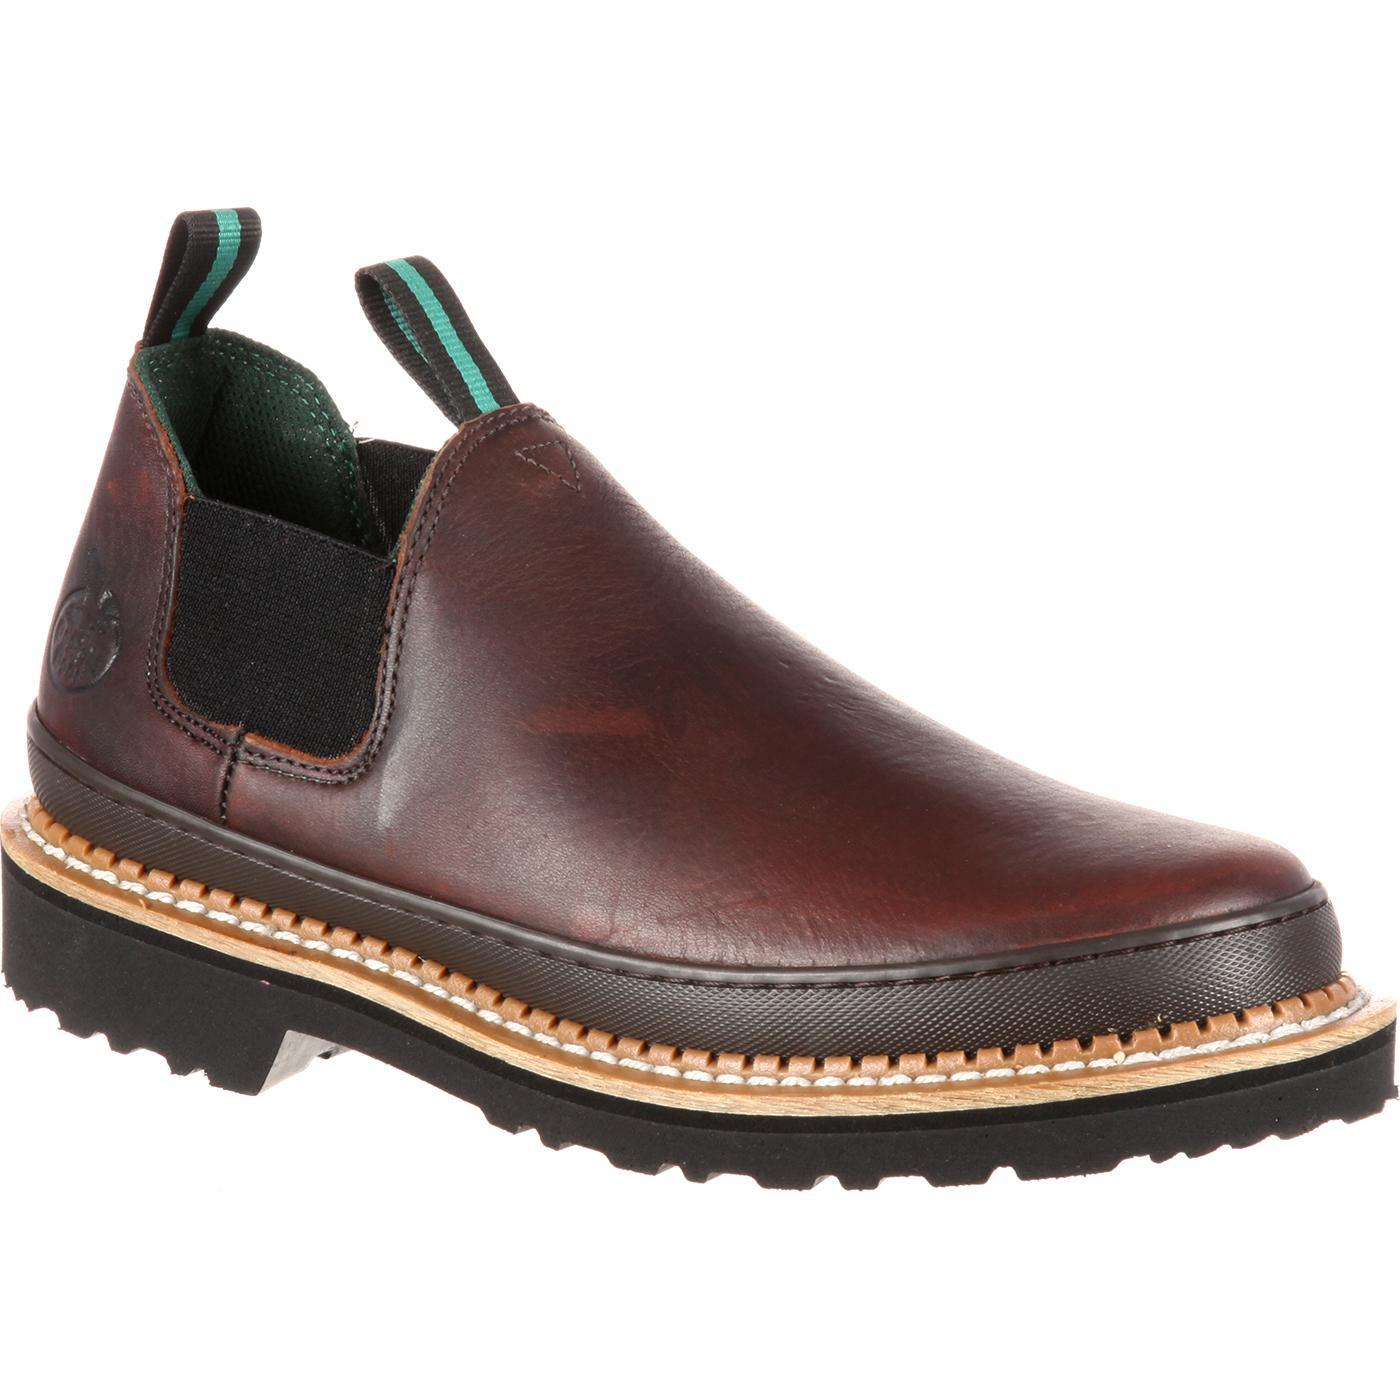 Dansko Boots Sale